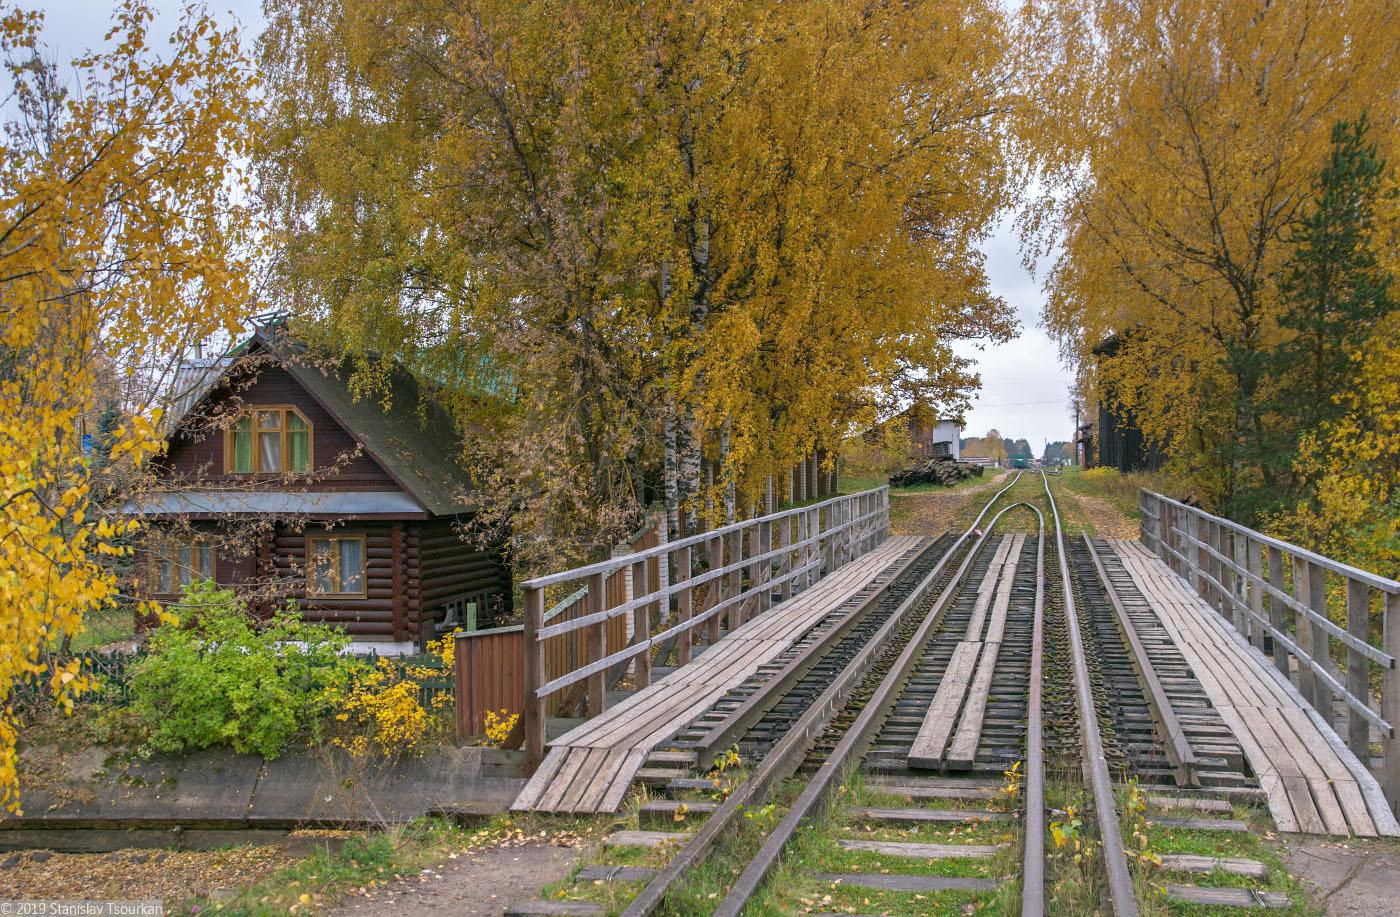 Весьегонск, Тверская область, ж/д, железная дорога, станция Весьегонск, мостик, Чухарный ручей